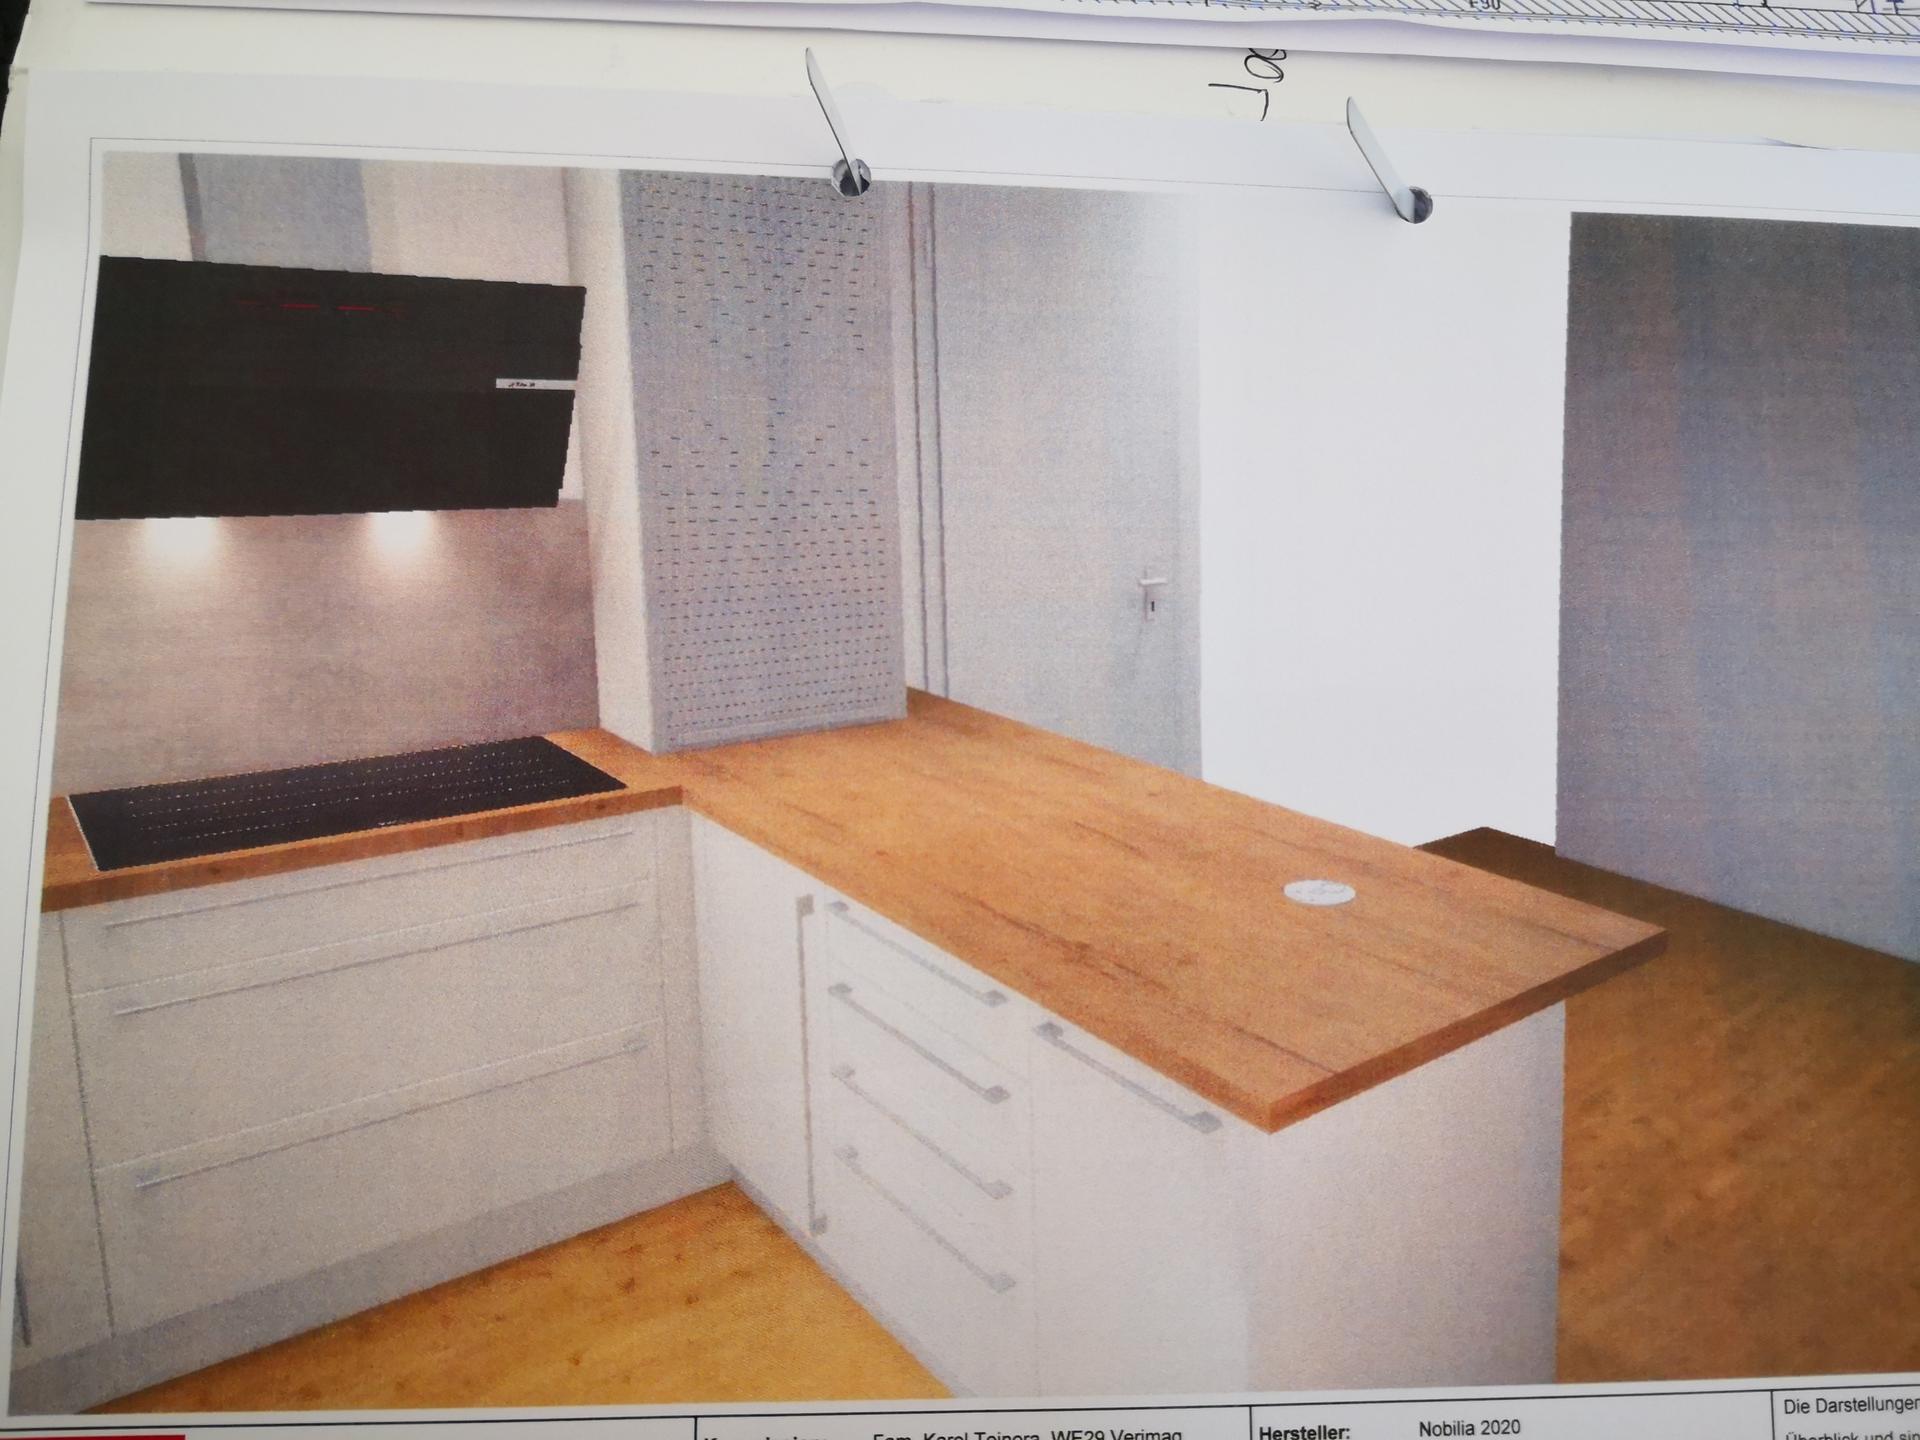 Náš nový byt v novostavbě - Obrázek č. 23